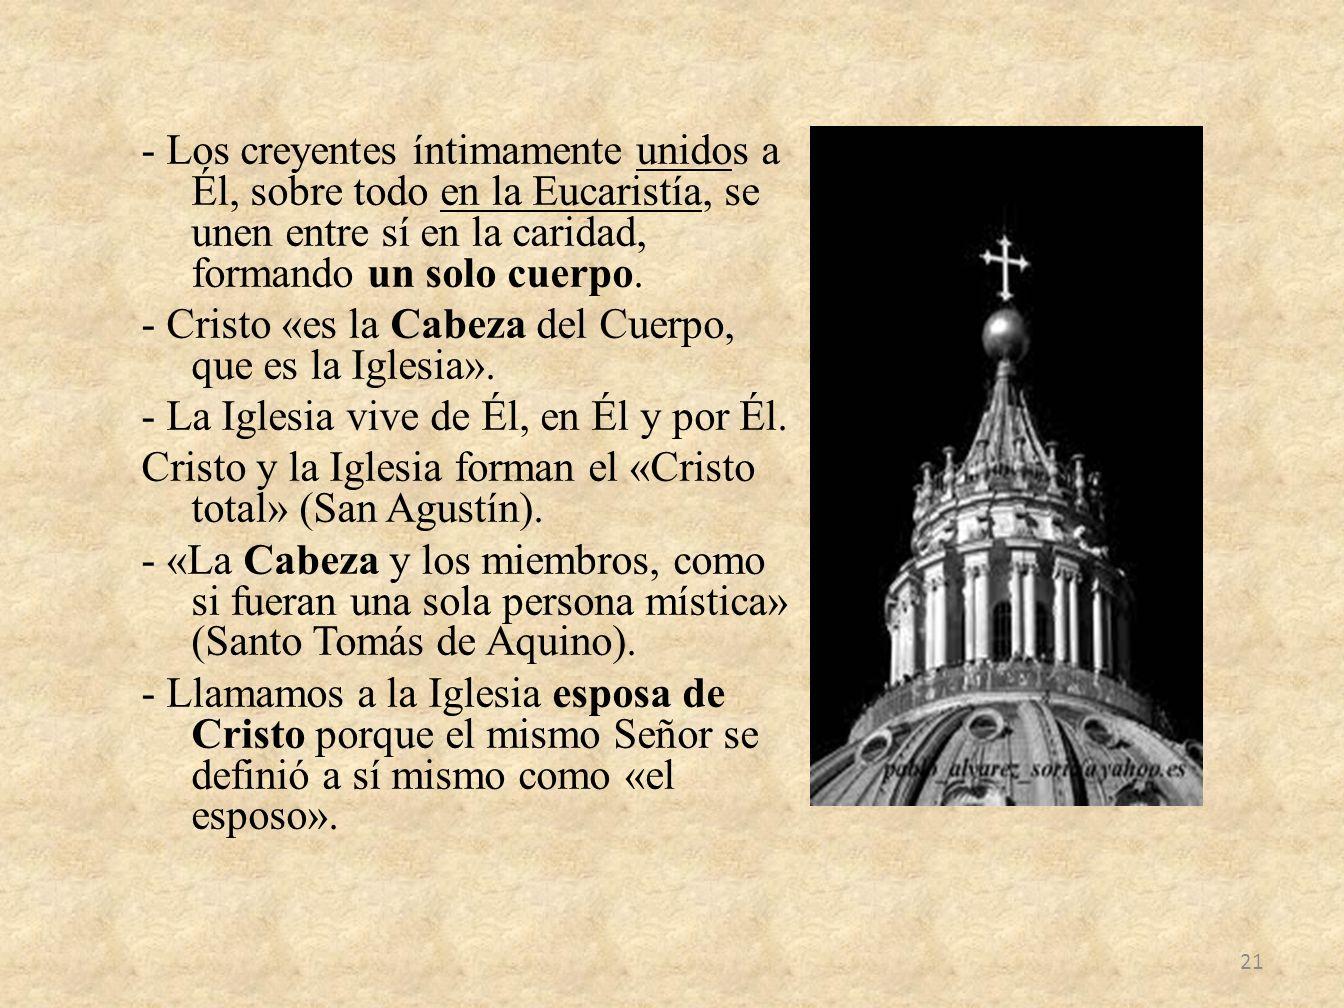 - Los creyentes íntimamente unidos a Él, sobre todo en la Eucaristía, se unen entre sí en la caridad, formando un solo cuerpo.